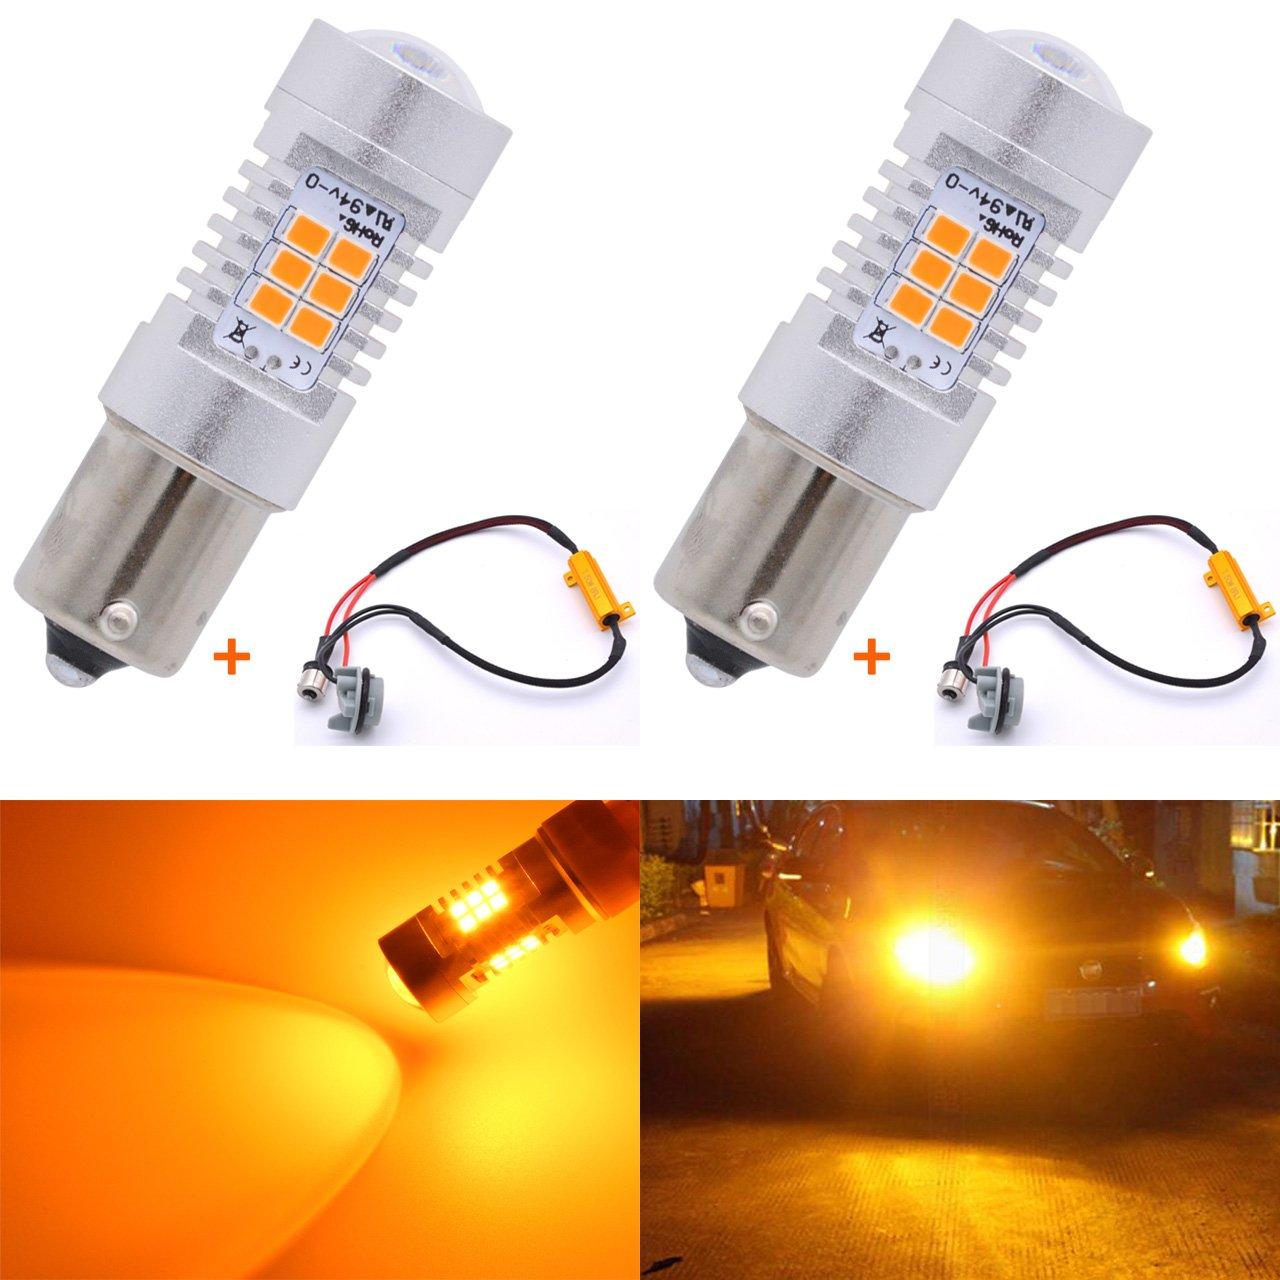 Katur 7056 1156 BA15S 1141 P21W Ampoules LED Blanc laiteux 2835 21SMD 80 W Haute Puissance 12 V Pour clignotant, feux de recul, feux stop (lot de 2)